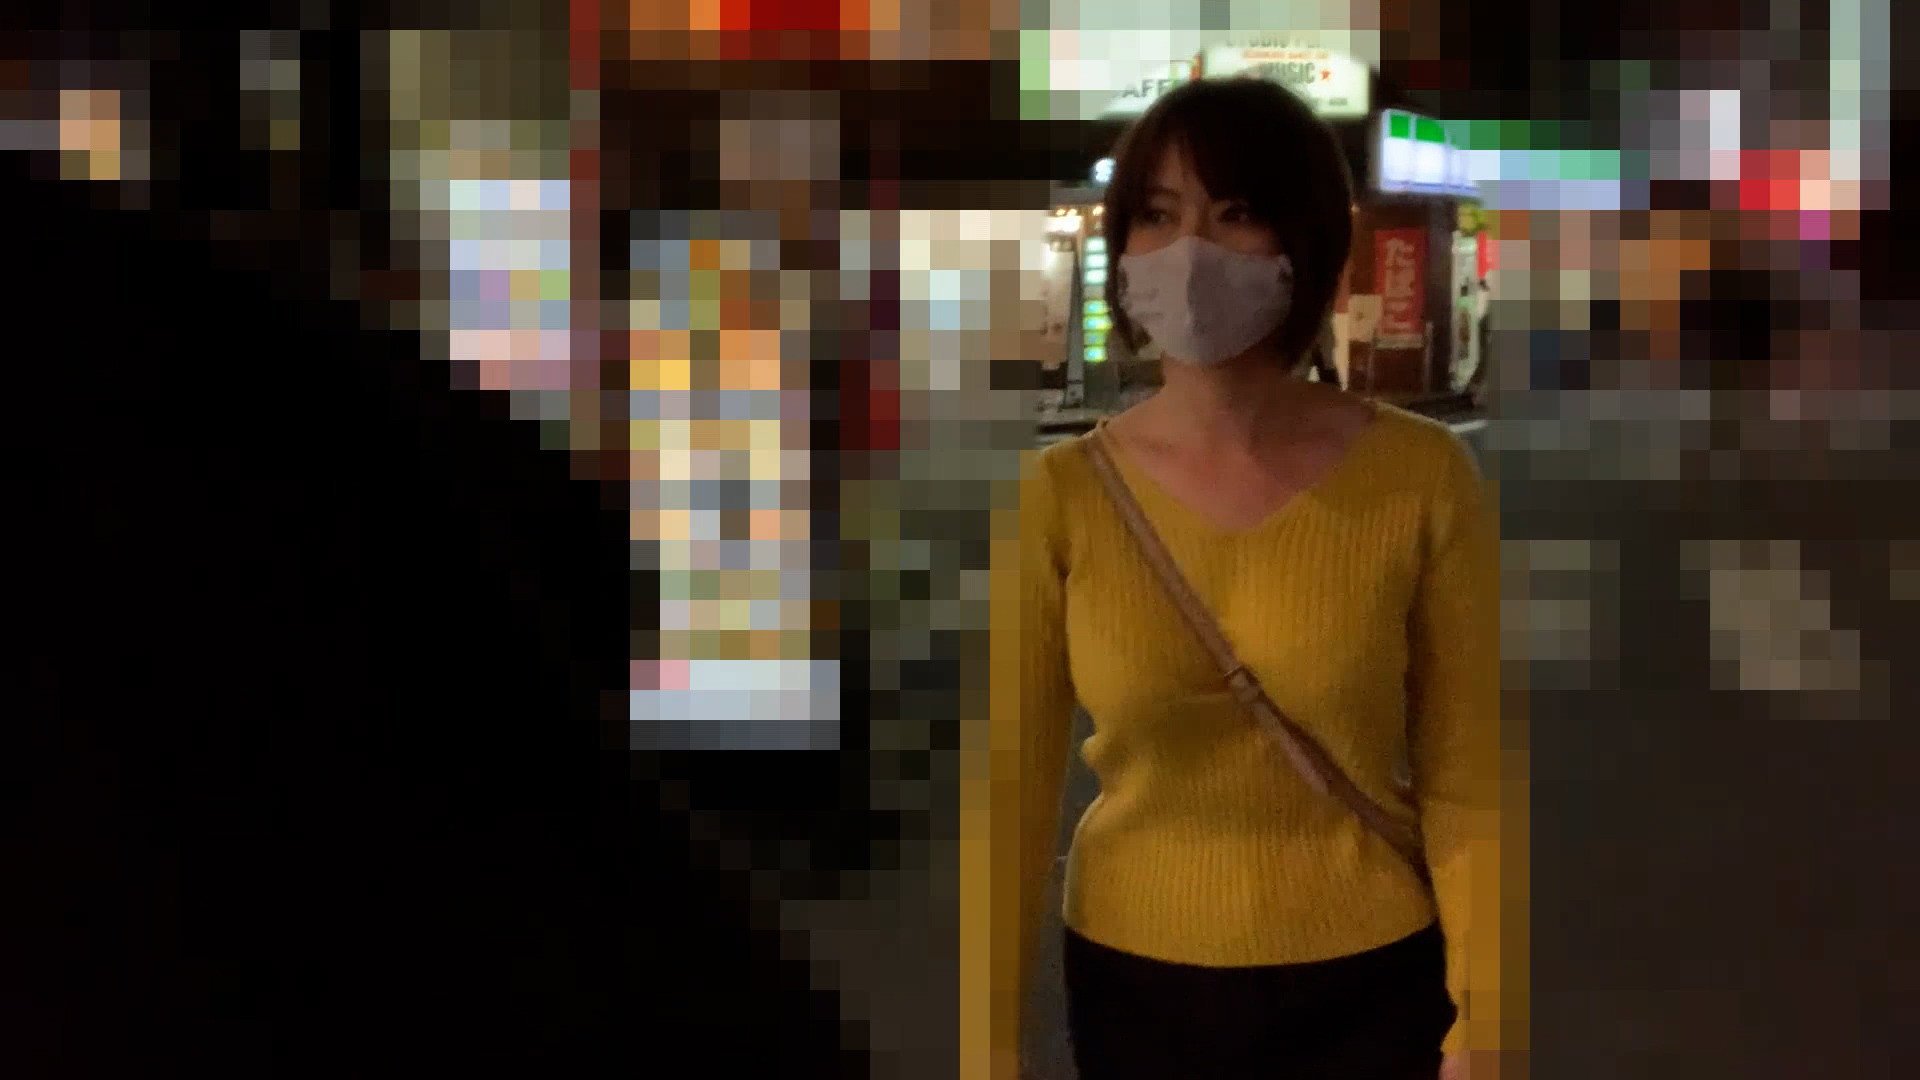 実録 電車痴漢映像 #031